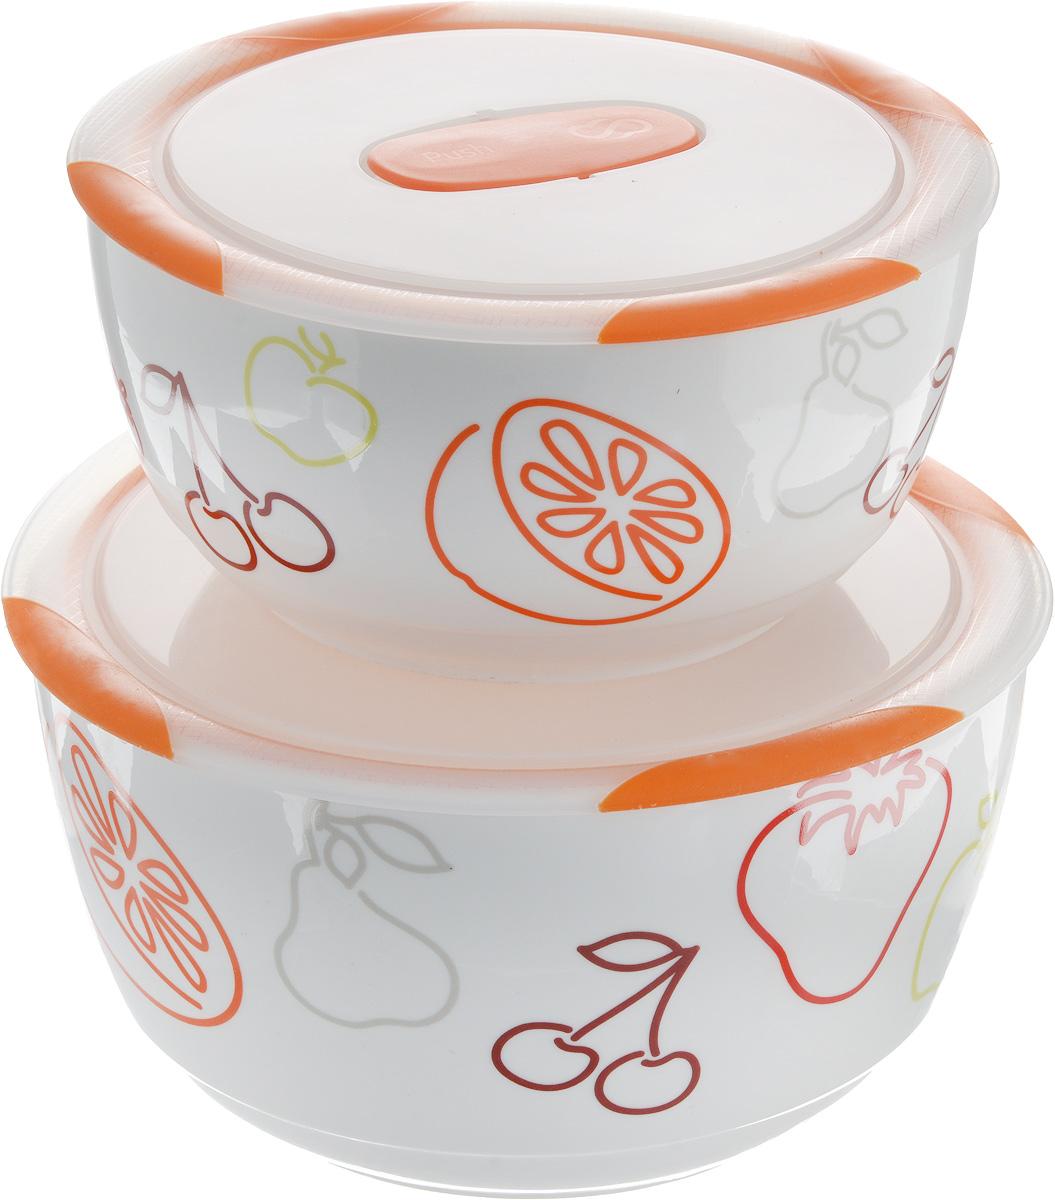 Набор мисок Oursson Bon Appetit, с крышками, цвет: оранжевый, белый, 2 штBS4781RC/ORНабор Oursson состоит из двух мисок разного размера, выполненных из керамики иоформленных рисунком. Керамика, из которой изготовлены емкости, выдерживает температурудо 250°С, поэтому подать блюда на стол можно сразу после приготовления в микроволновойпечи или духовом шкафу. Миски снабжены плотно закрывающимися пластиковыми крышками с технологией Clip Fresh.Такой набор прекрасно подходит для хранения продуктов и соусов без проливания, которые непрольются при переноске благодаря силиконовому уплотнителю, обеспечивающему 100%герметичность. Миски являются универсальным приобретением для любой кухни. С их помощью можноготовить блюда, хранить продукты и даже сервировать стол. Оригинальный дизайн, высокоекачество ифункциональность набора Oursson позволят ему стать достойным дополнением к вашемукухонному инвентарю. Можно мыть в посудомоечной машине.Характеристика емкости №1:Объем: 3 л. Высота стенки: 11,3 см.Диаметр (по верхнему краю): 21,3 см.Характеристика емкости №2:Объем: 1,7 л. Высота стенки: 9 см. Диаметр (по верхнему краю): 18,1 см.